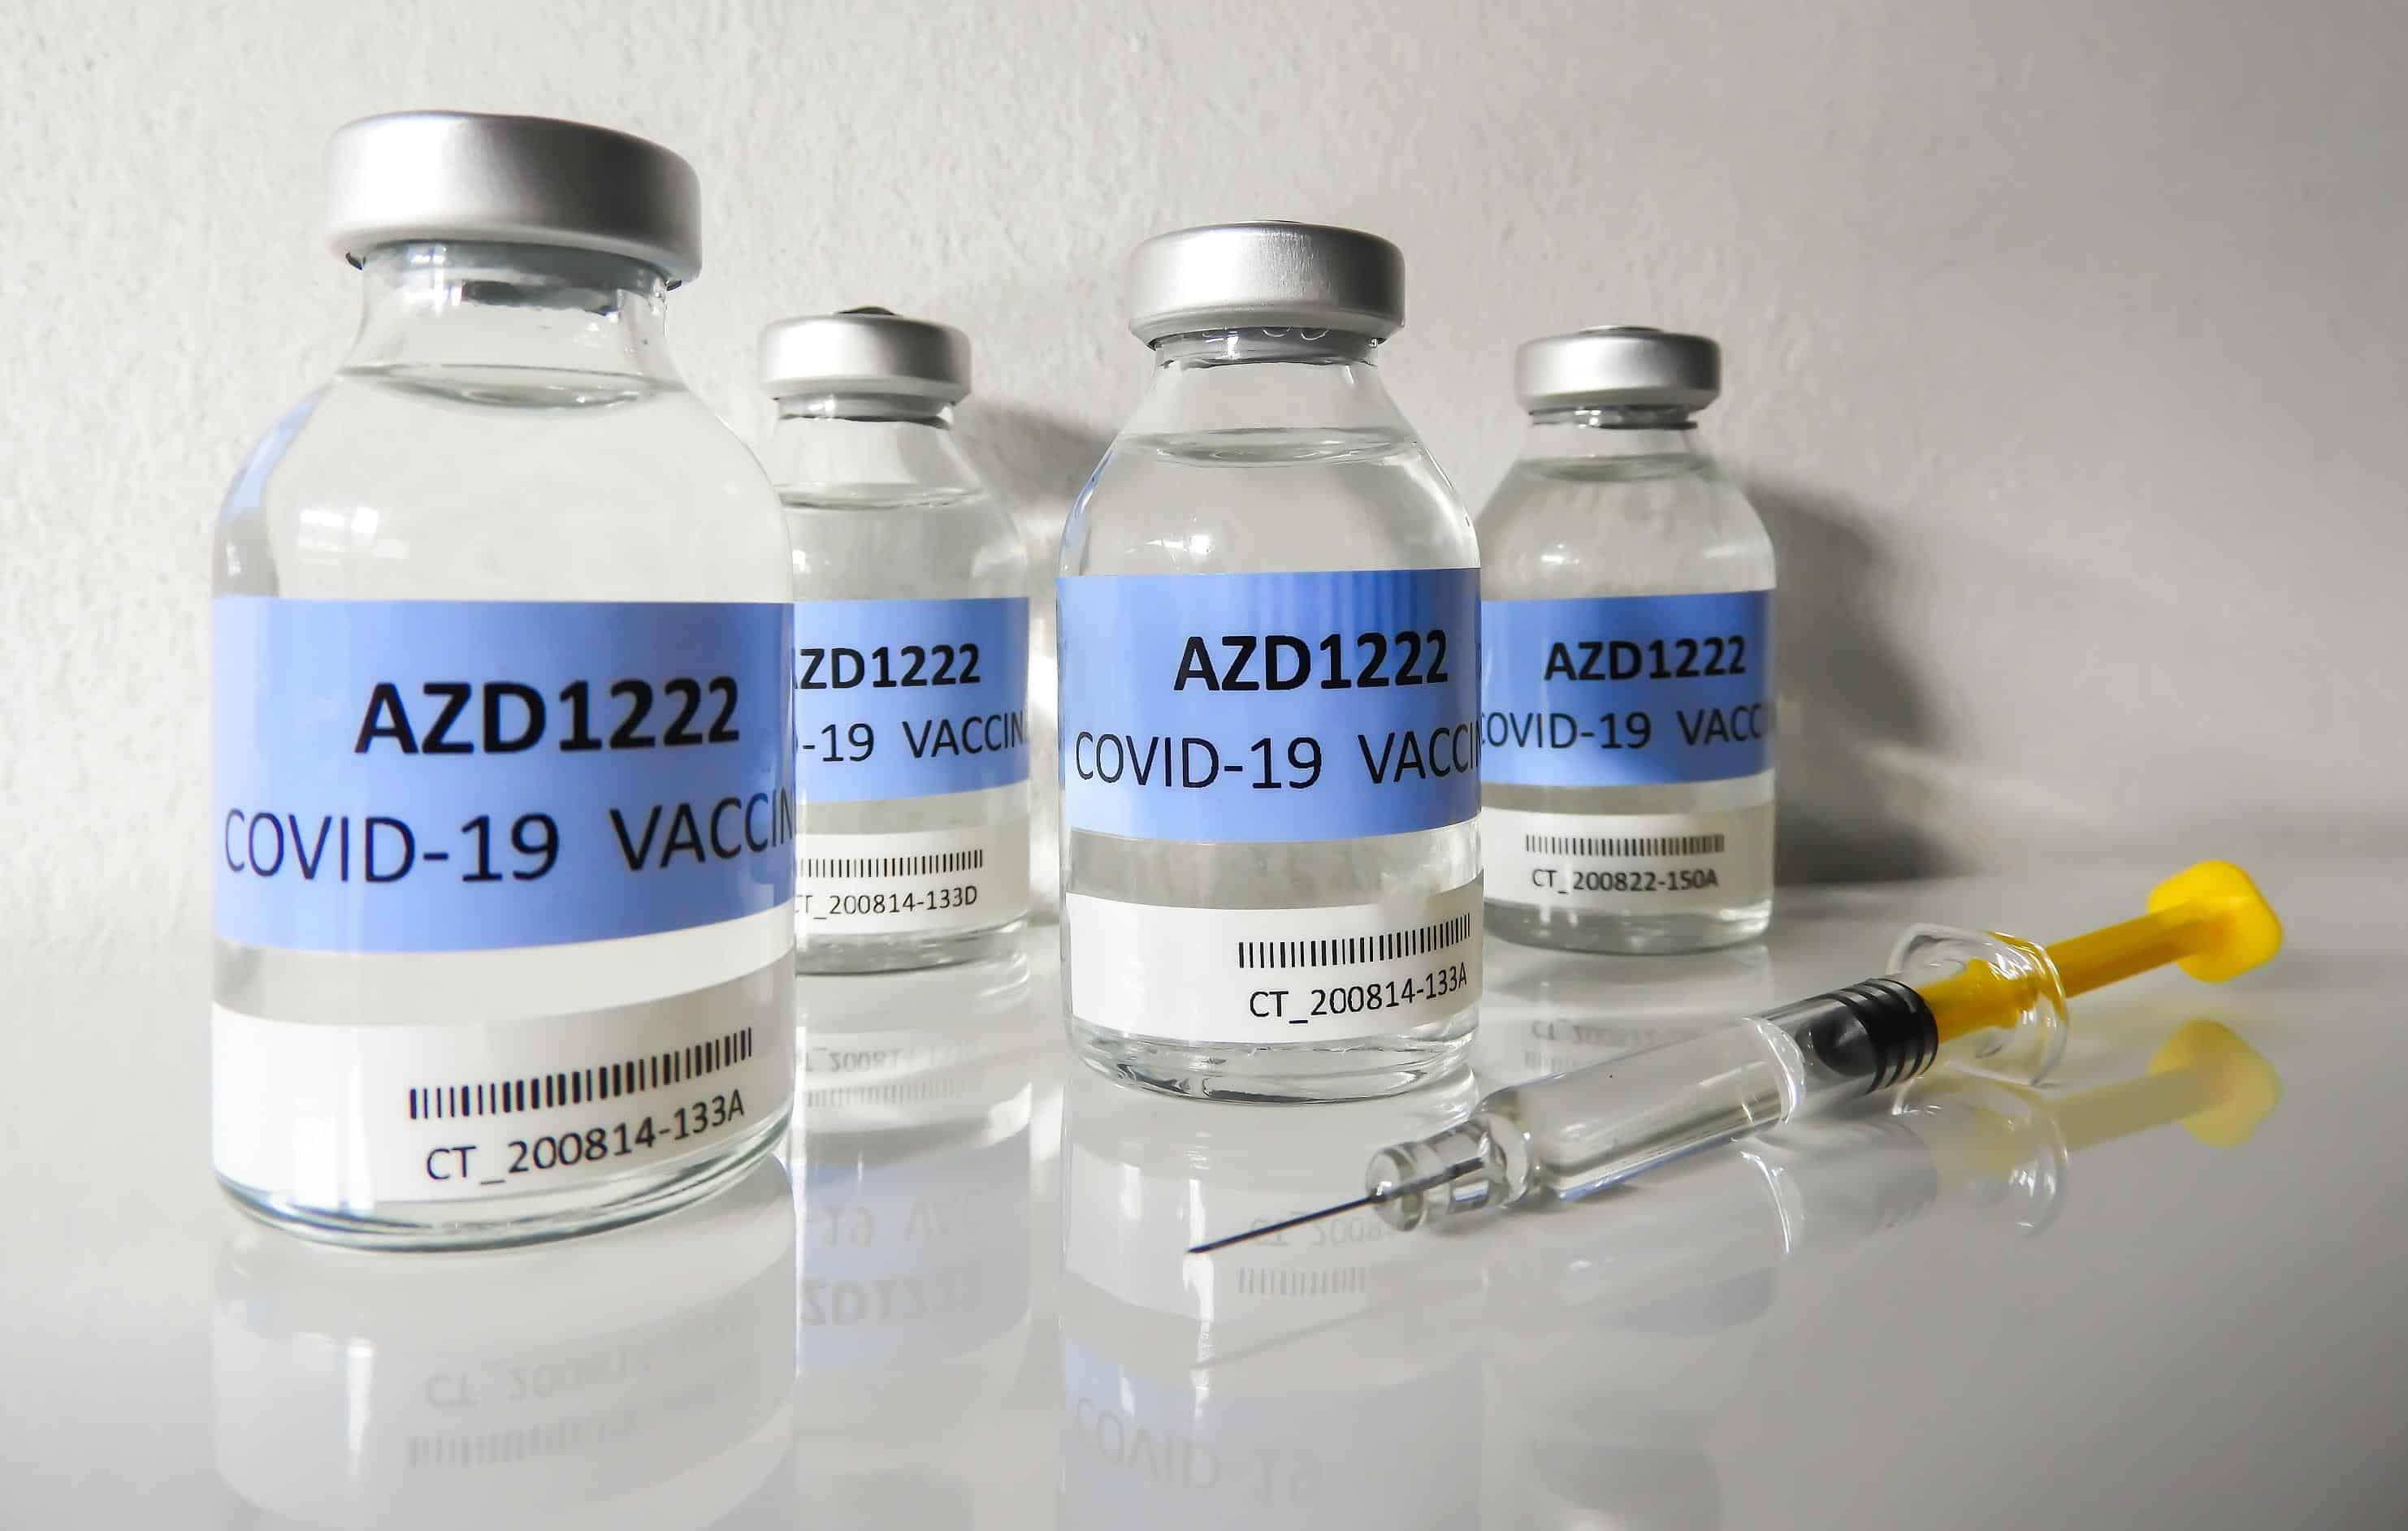 Após críticas, vacina de Oxford deve passar por mais testes com nova dosagem - Olhar Digital